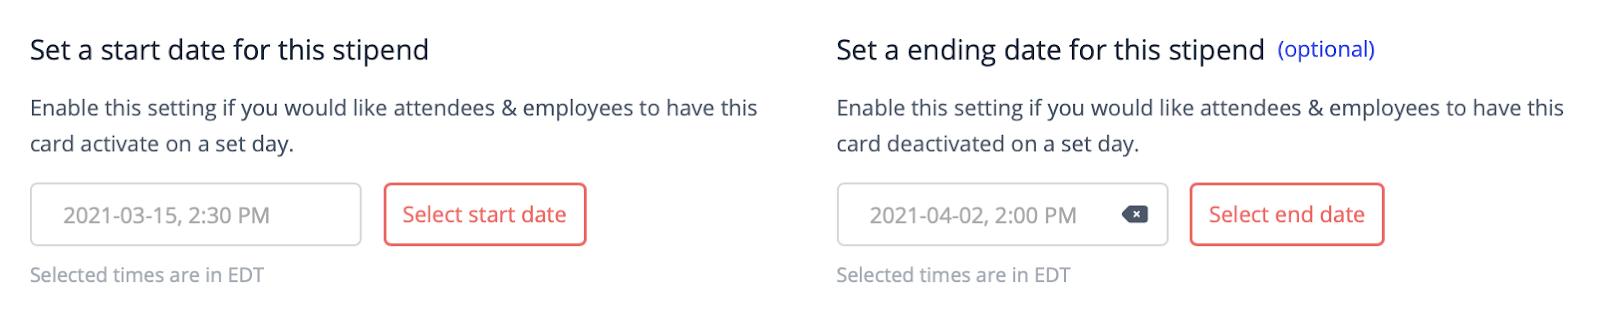 Program start and end dates for a Hoppier bulk gift card